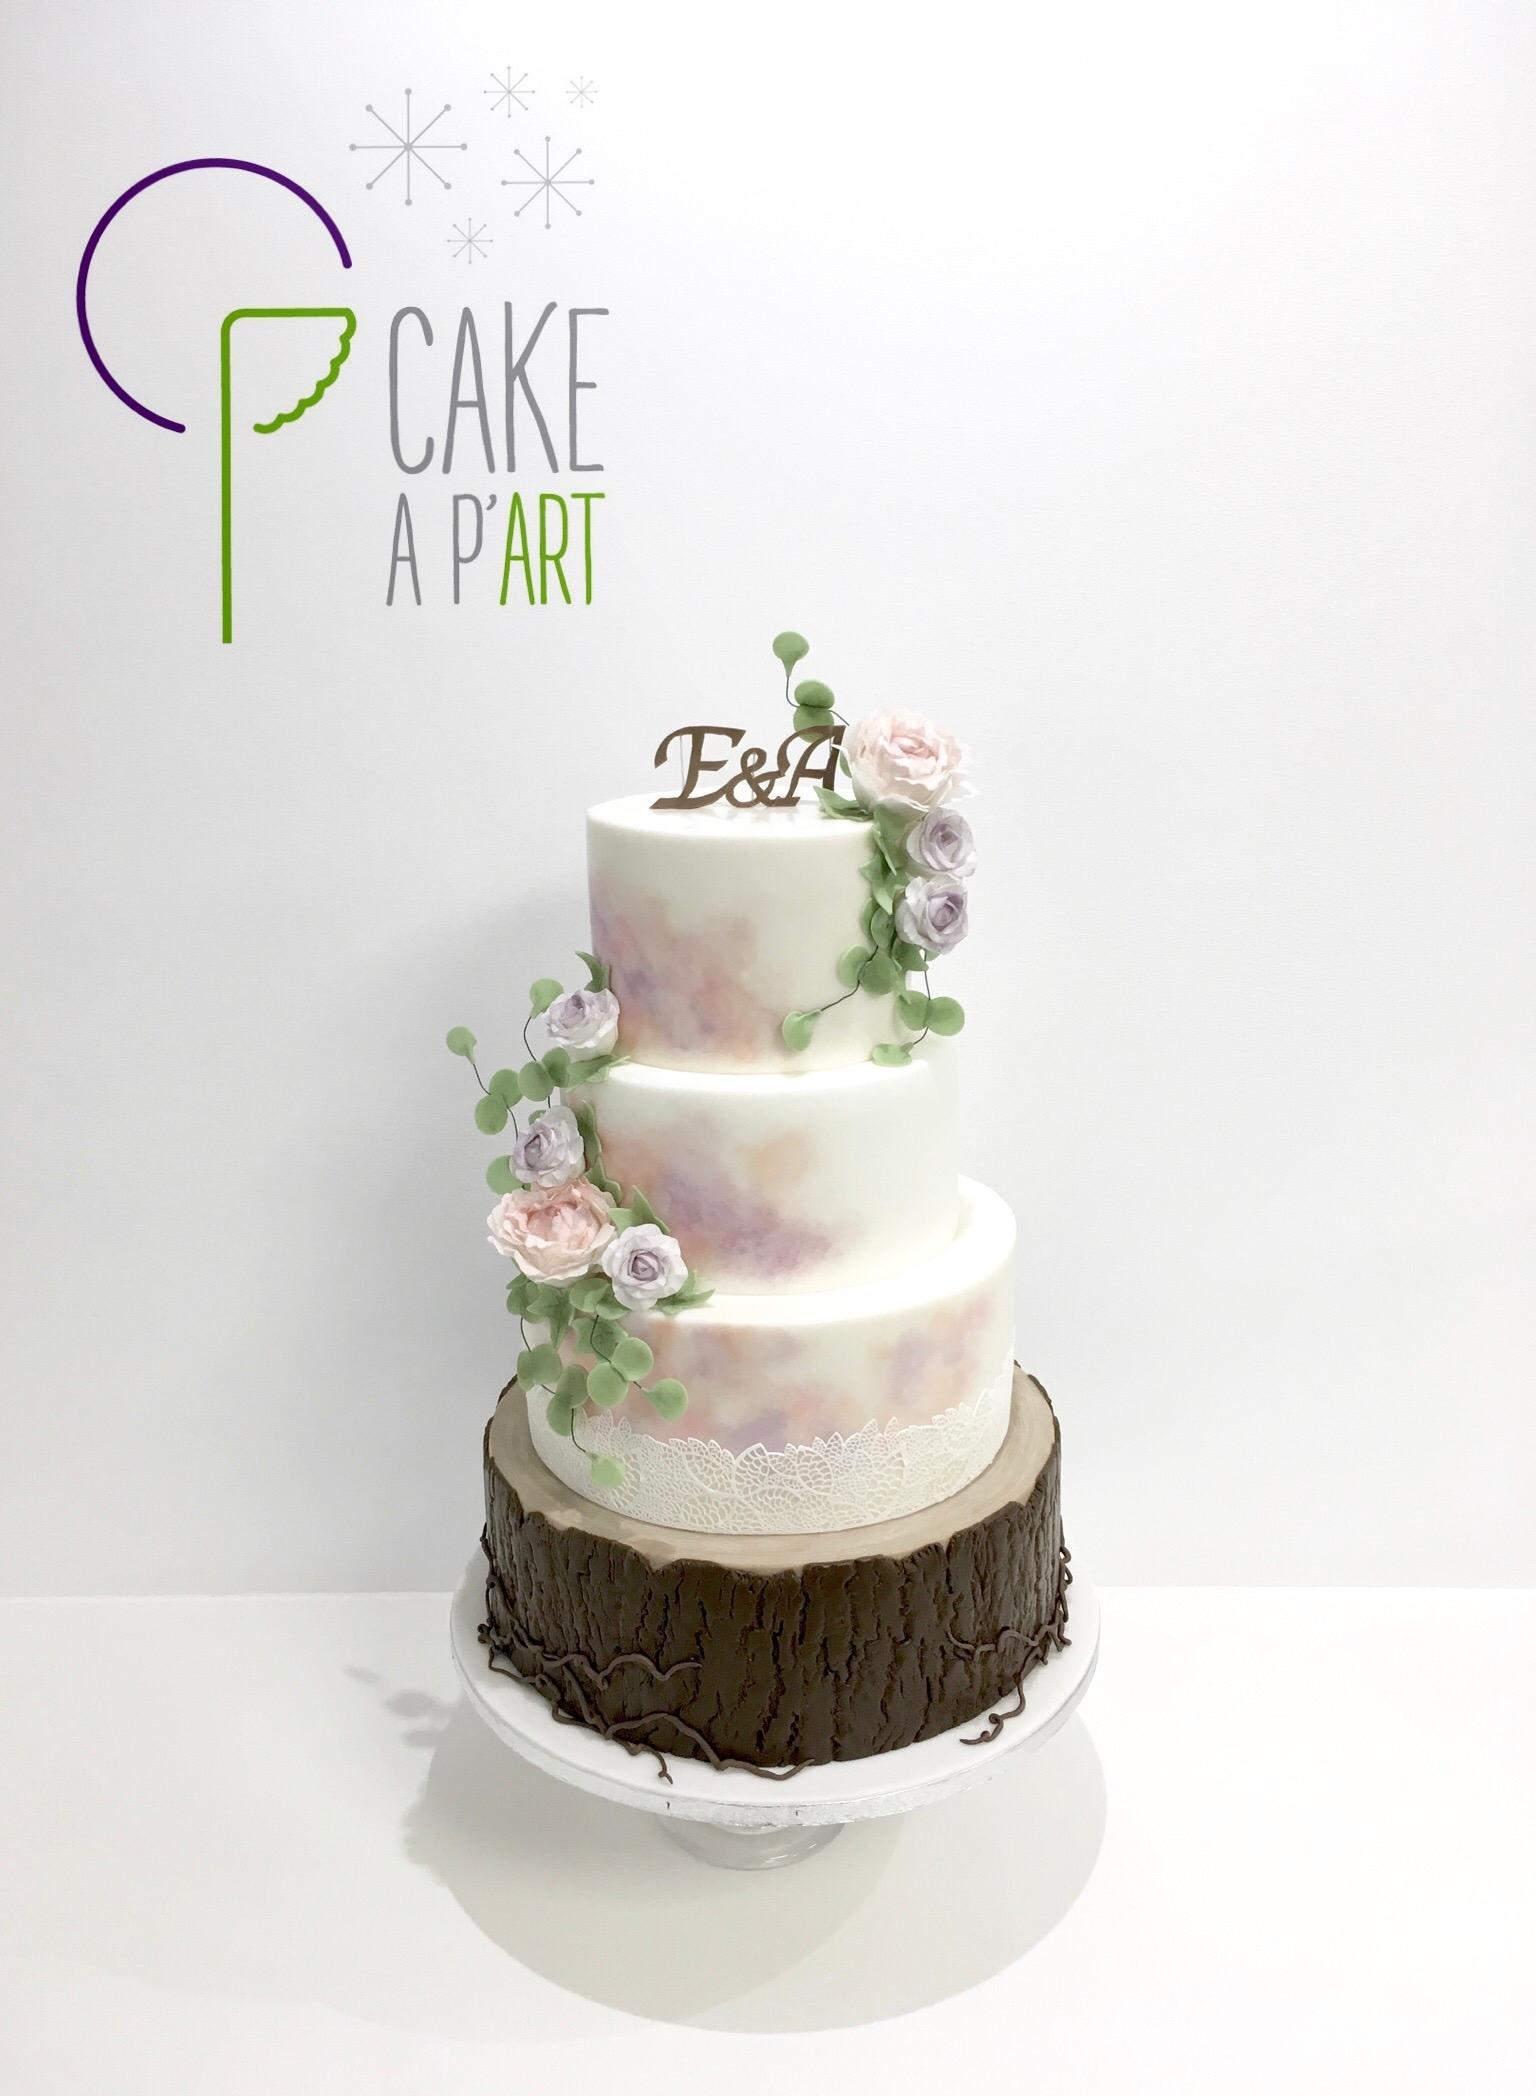 Wedding Cake Pièce montée Mariage - Thème Aquarelle Romantique Bois